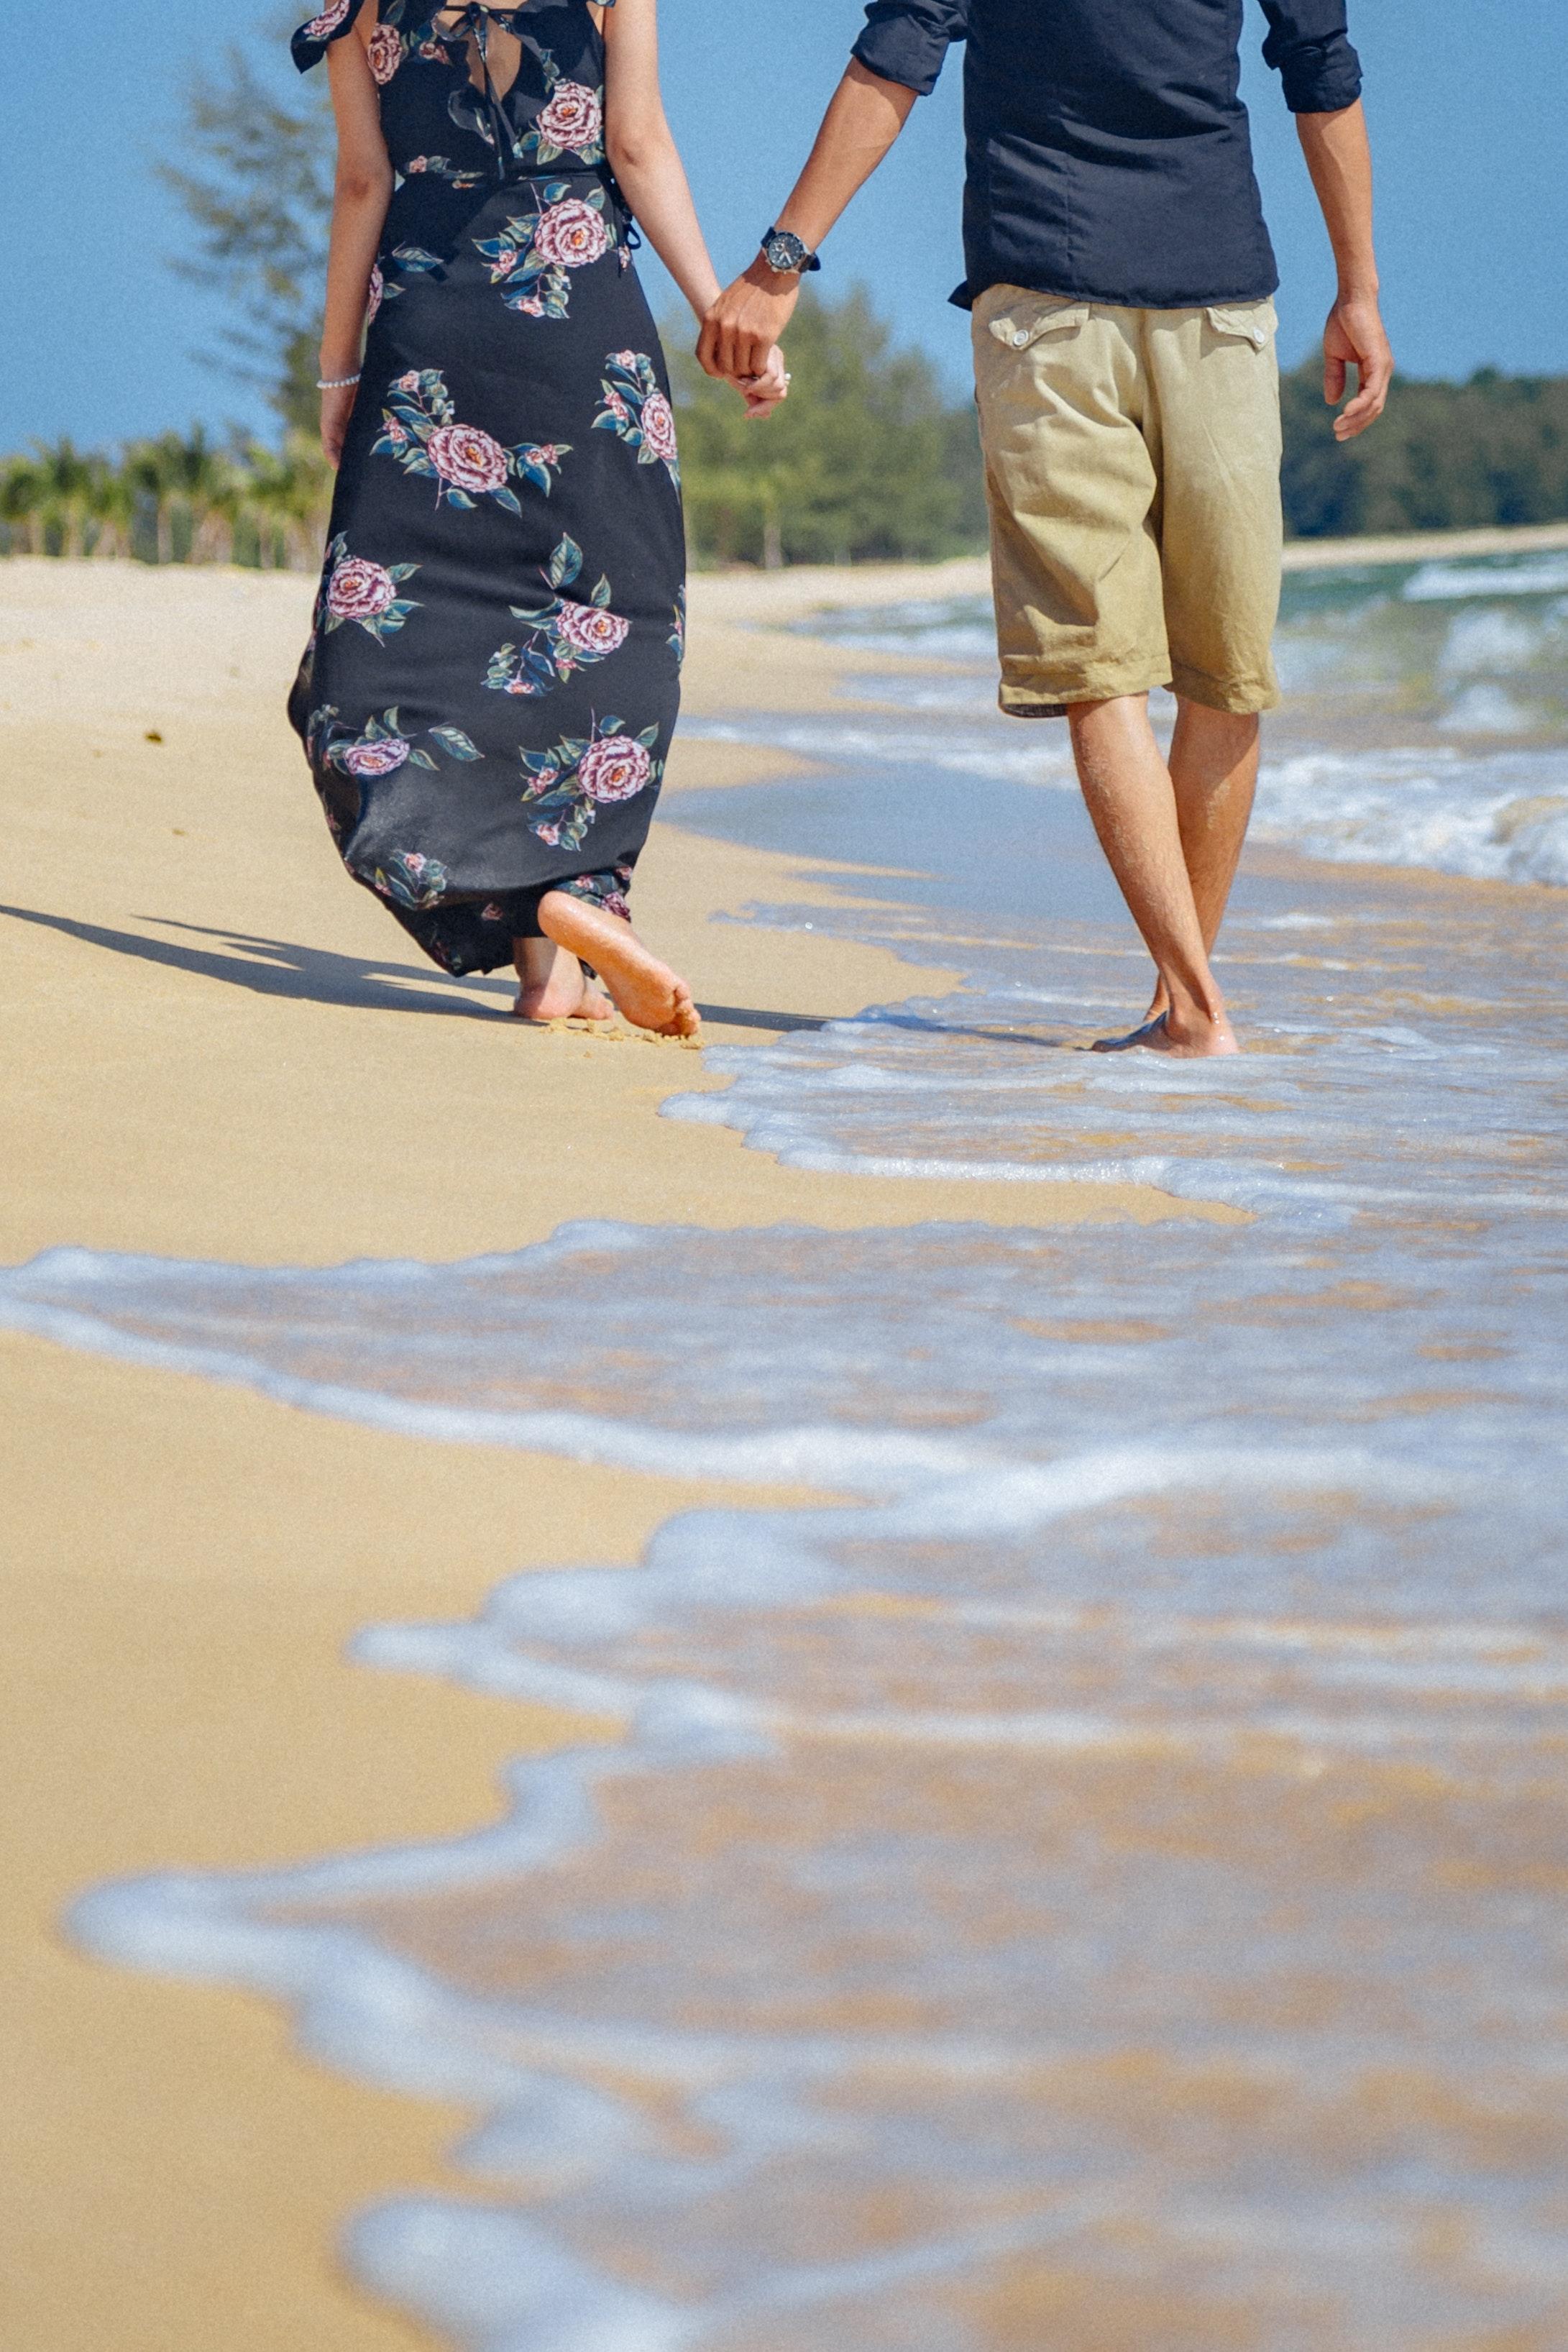 Hình ảnh đẹp anh và em nắm tay nhau đi trên bãi biển cát vàng